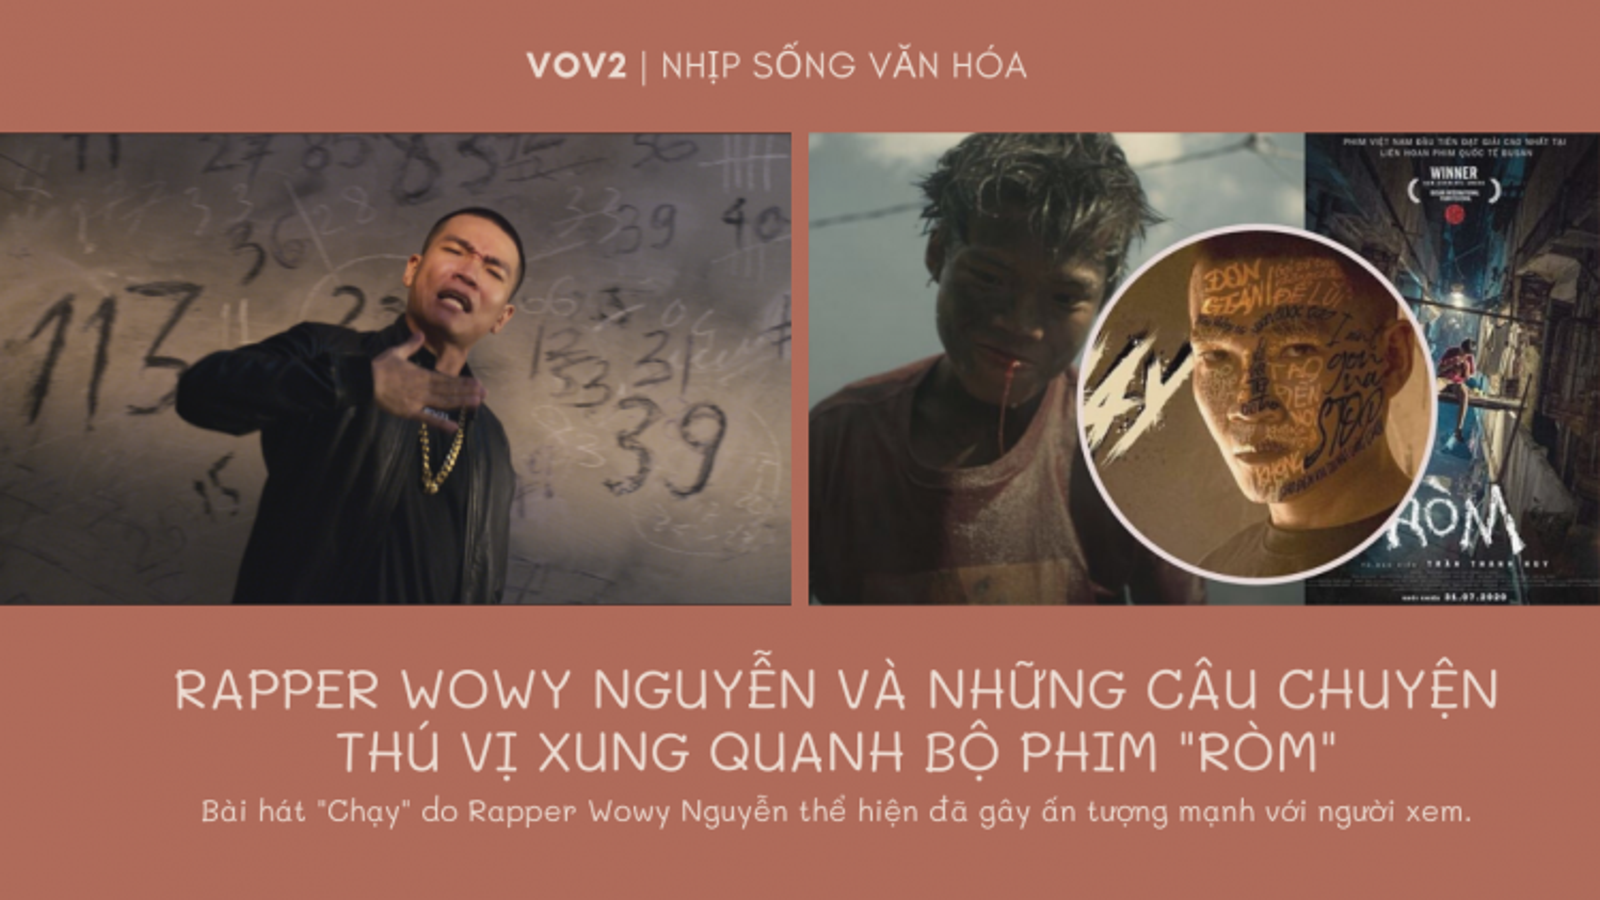 """Rapper Wowy Nguyễn và những câu chuyện thú vị xung quanh bộ phim """"Ròm"""""""